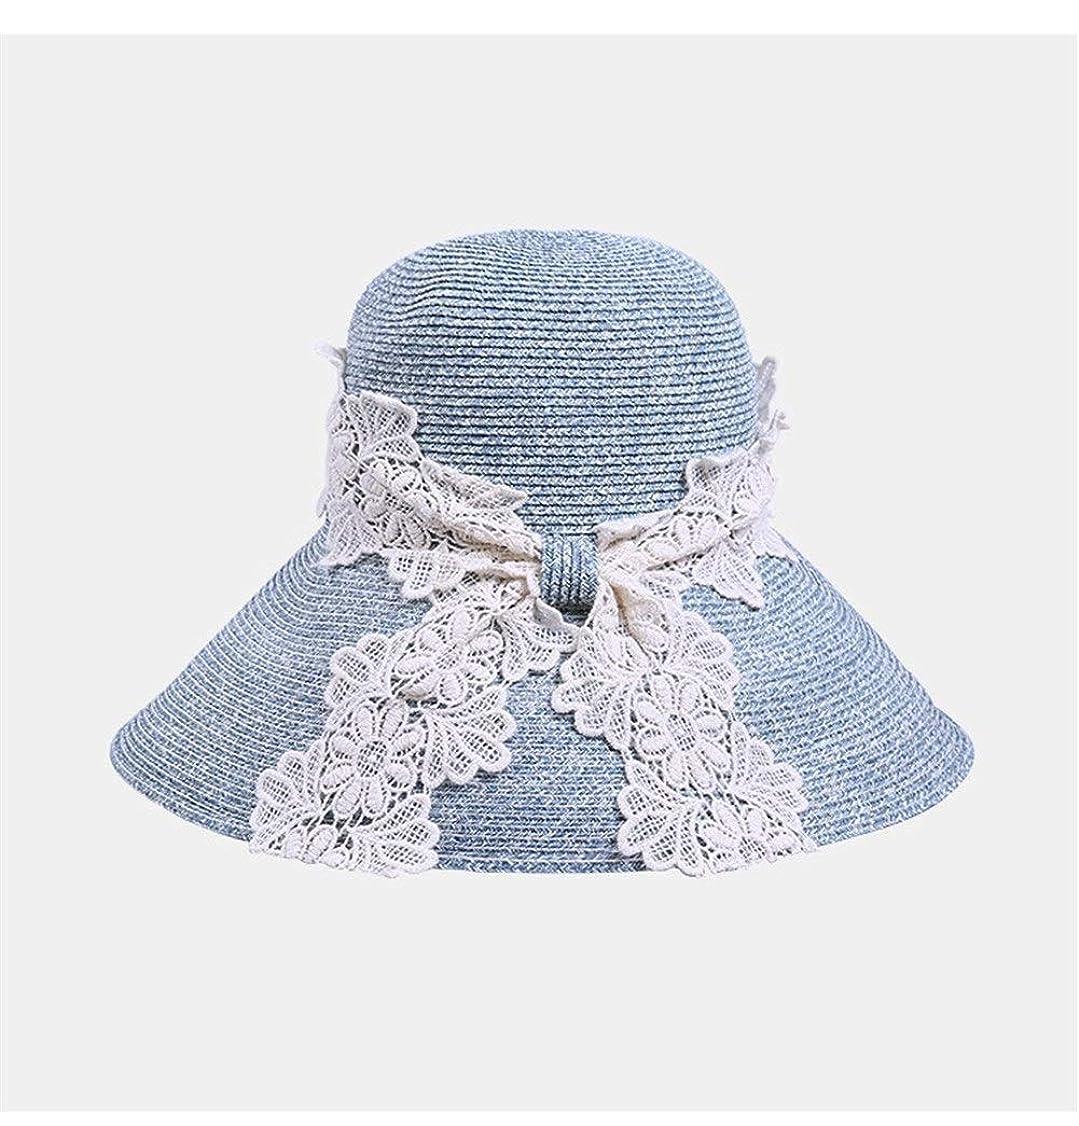 大佐潜む午後女性の繊細なレースの大きな帽子ビーチ帽子日焼け止めカジュアル麦わら帽子バイザー折りたたみ式